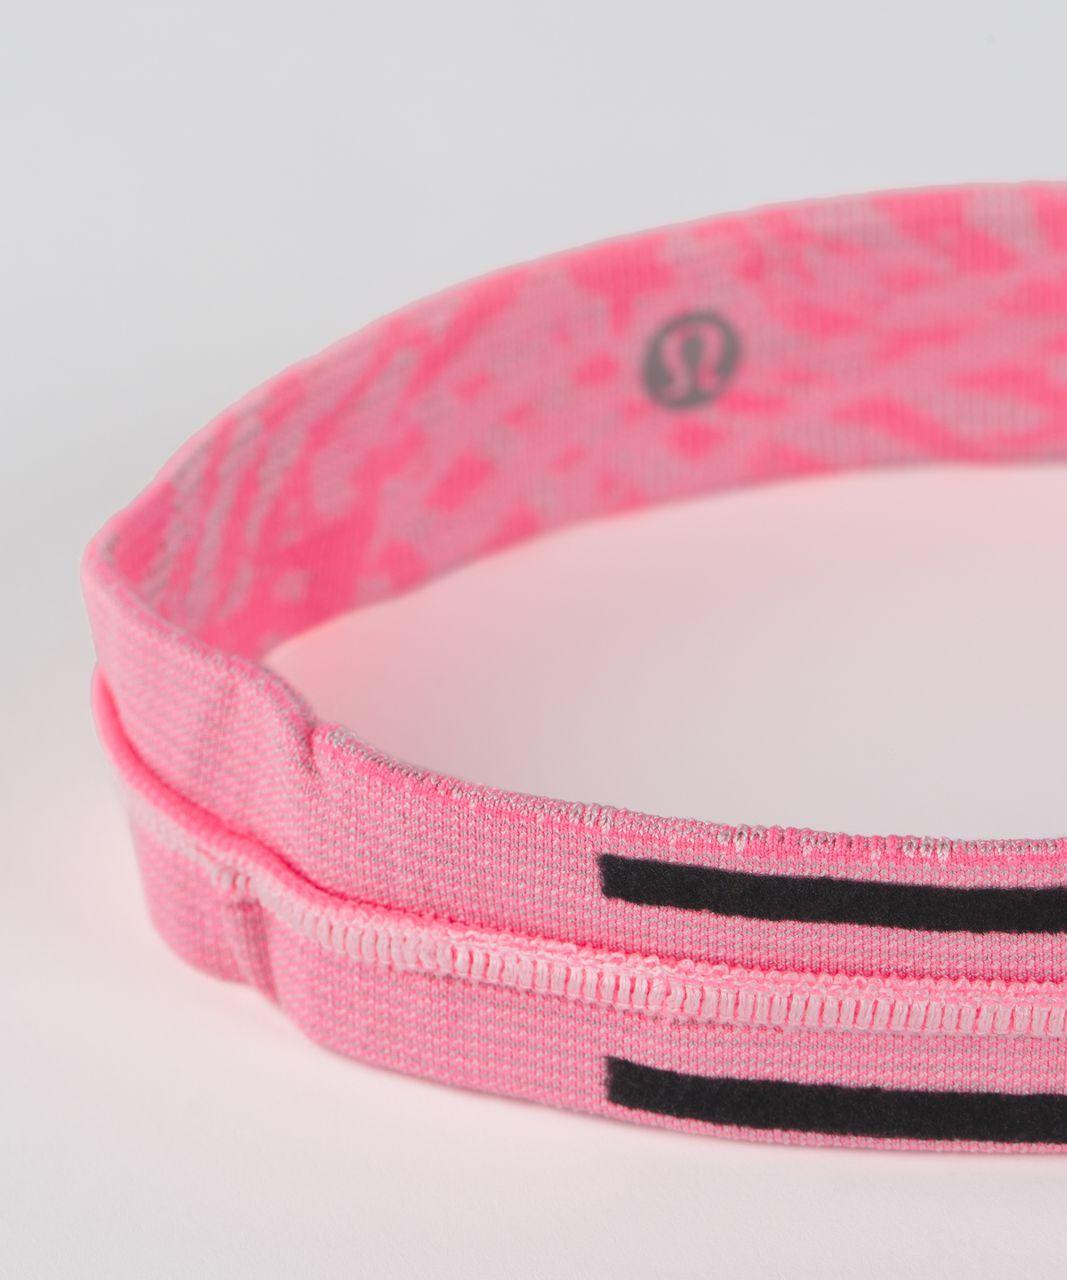 Lululemon Cardio Cross Trainer Headband - Heathered Flash Light